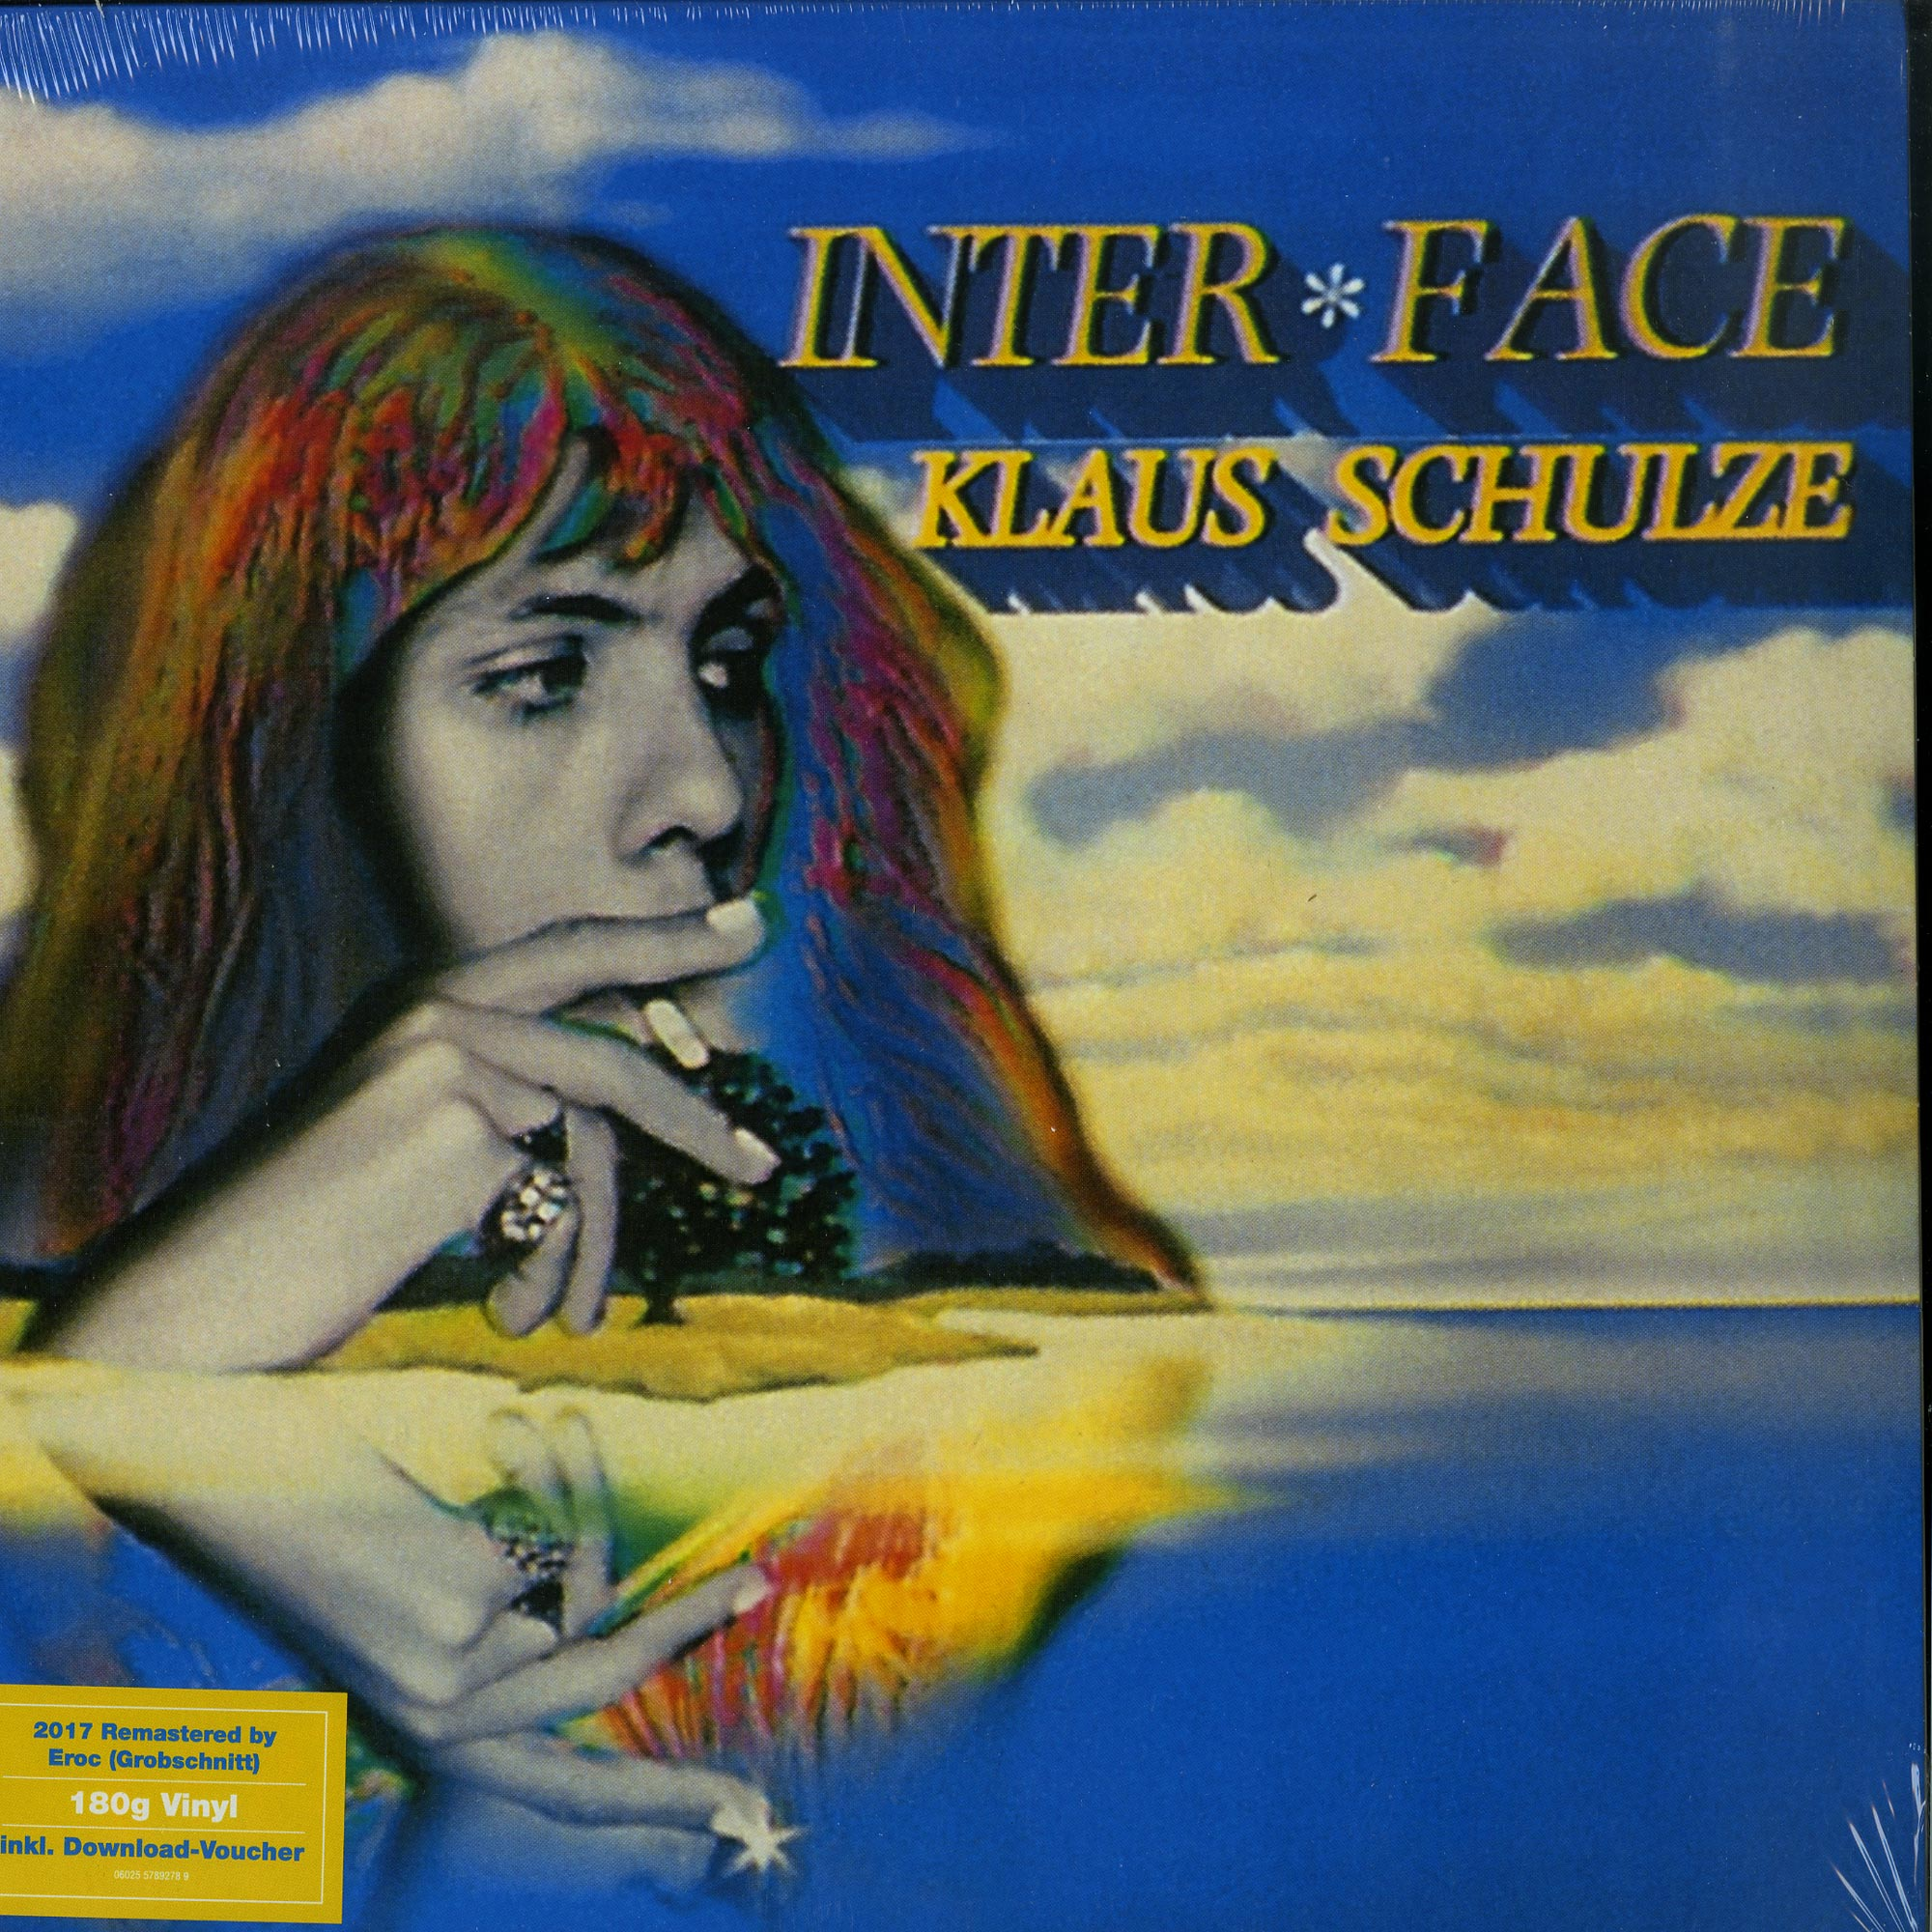 Klaus Schulze - INTER * FACE